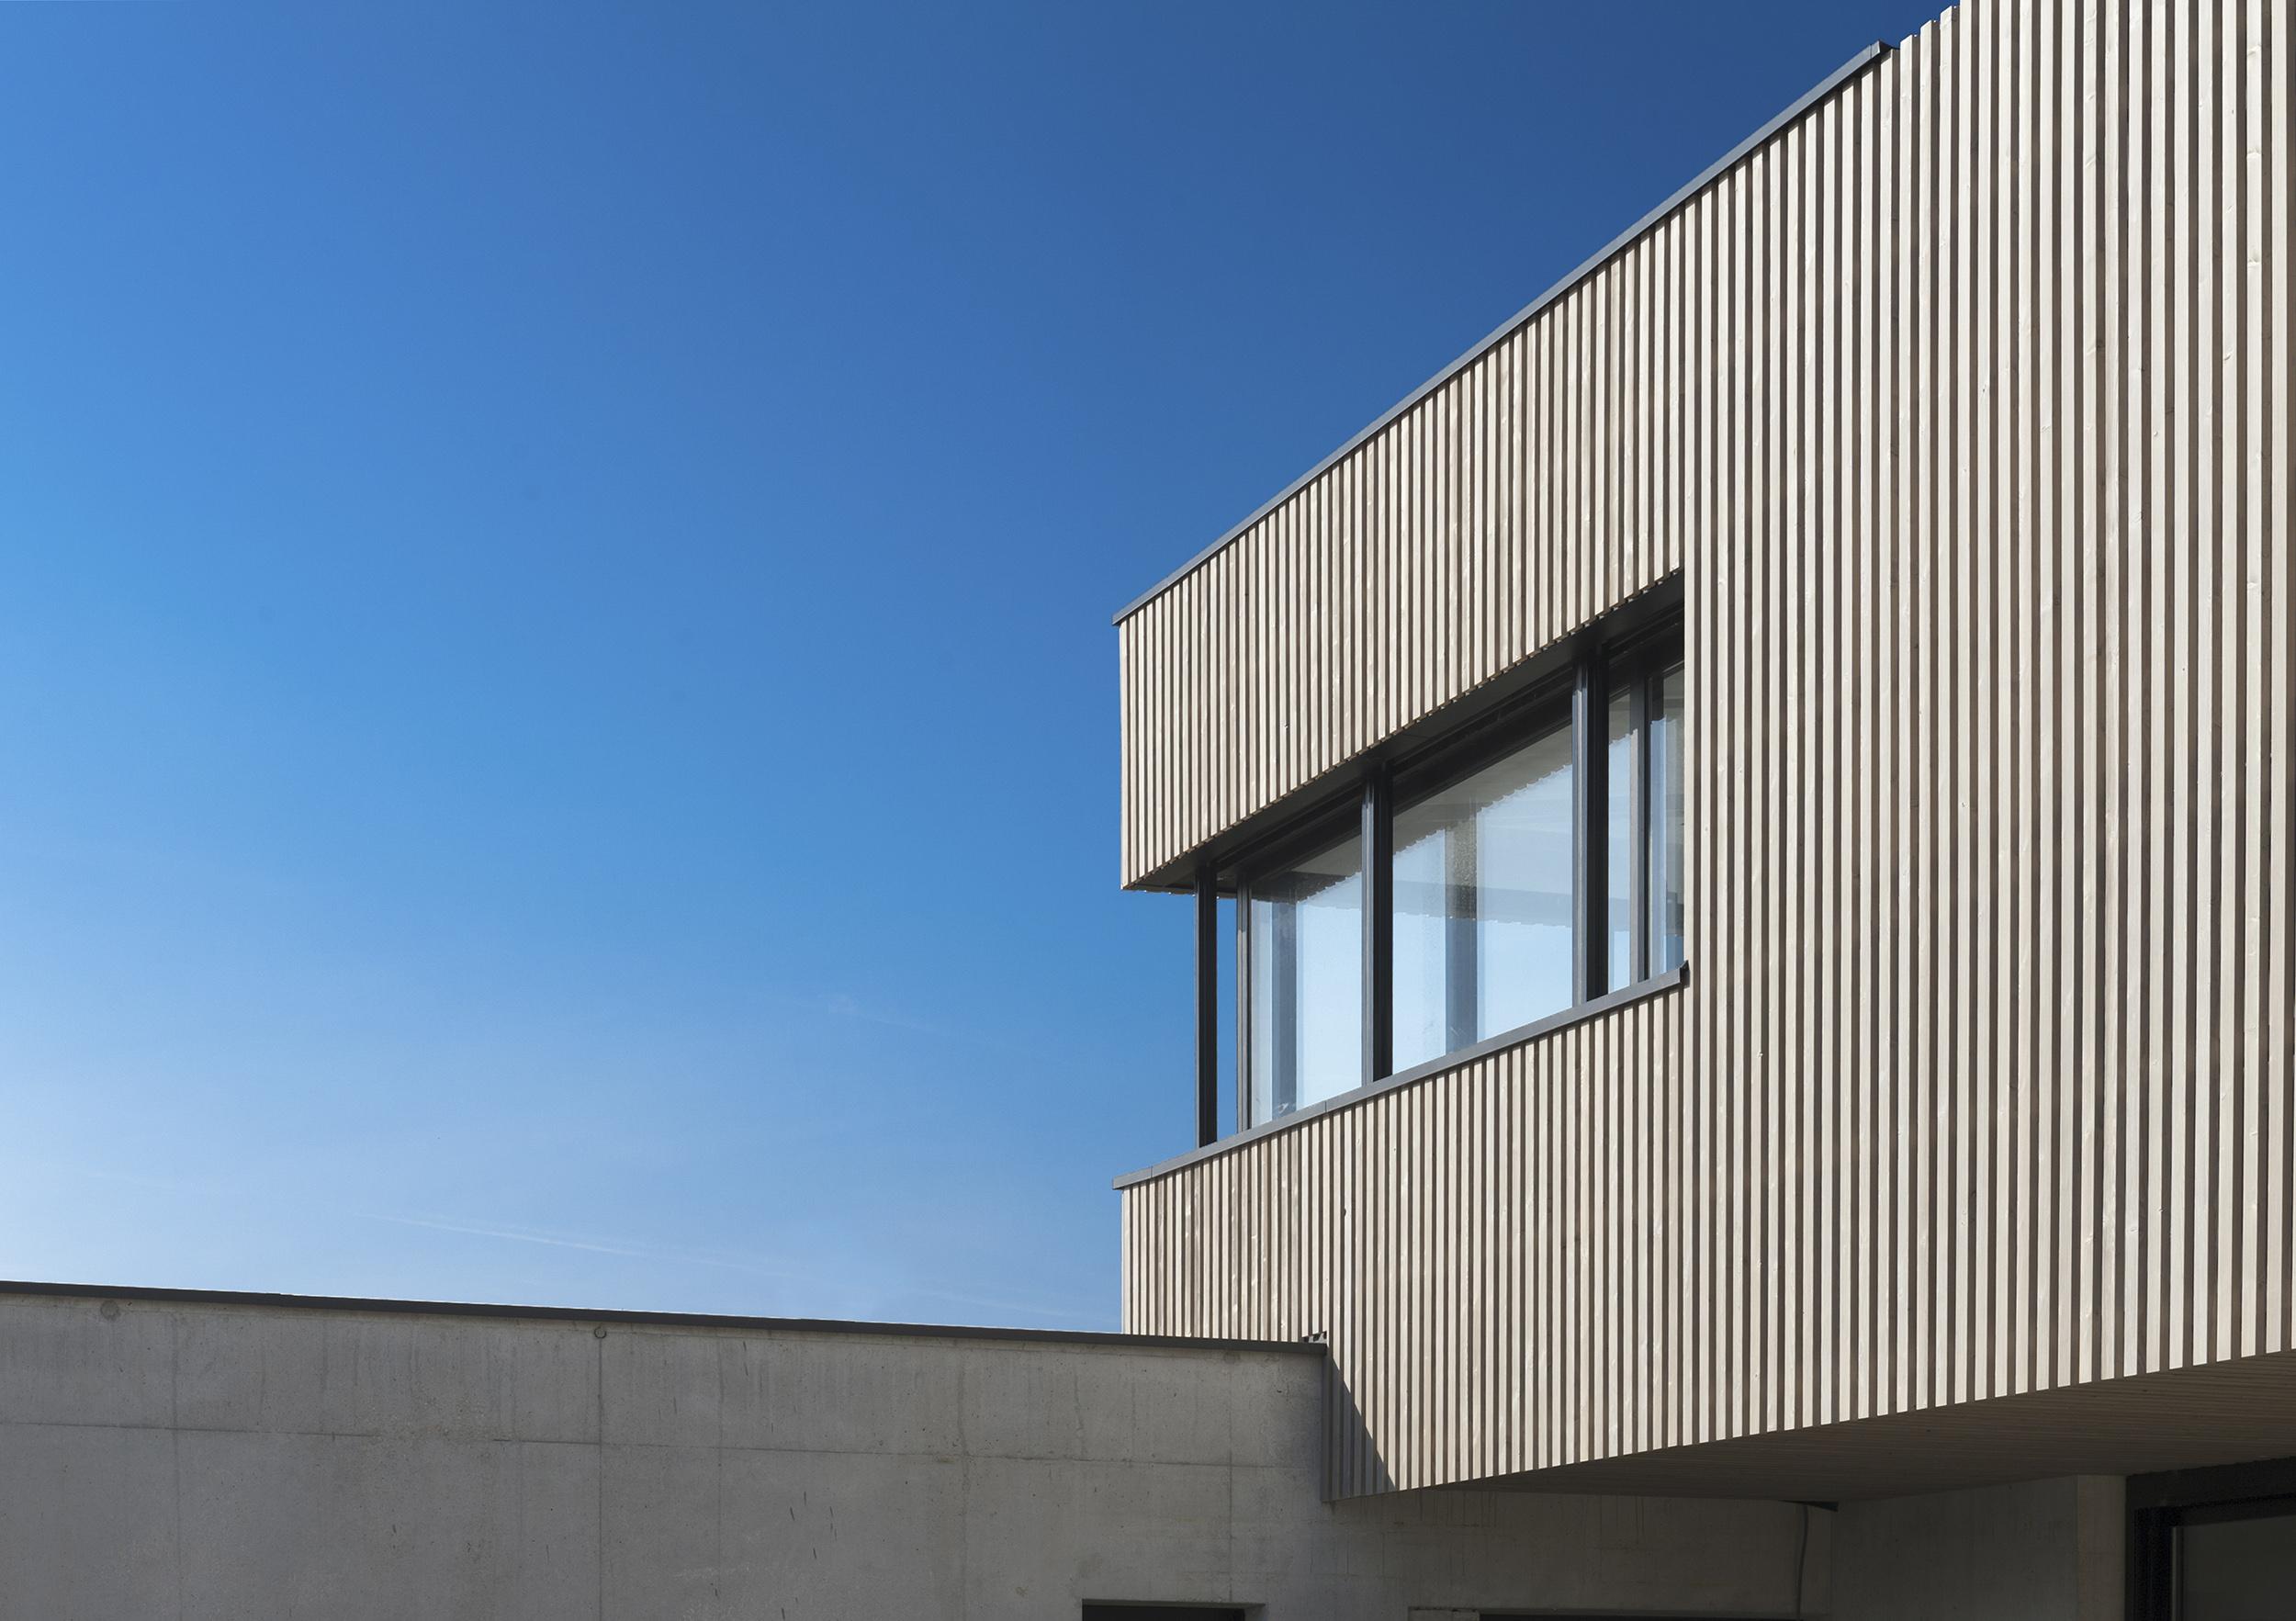 Chouette Architecture - villa Saint-Julien - 2500 15